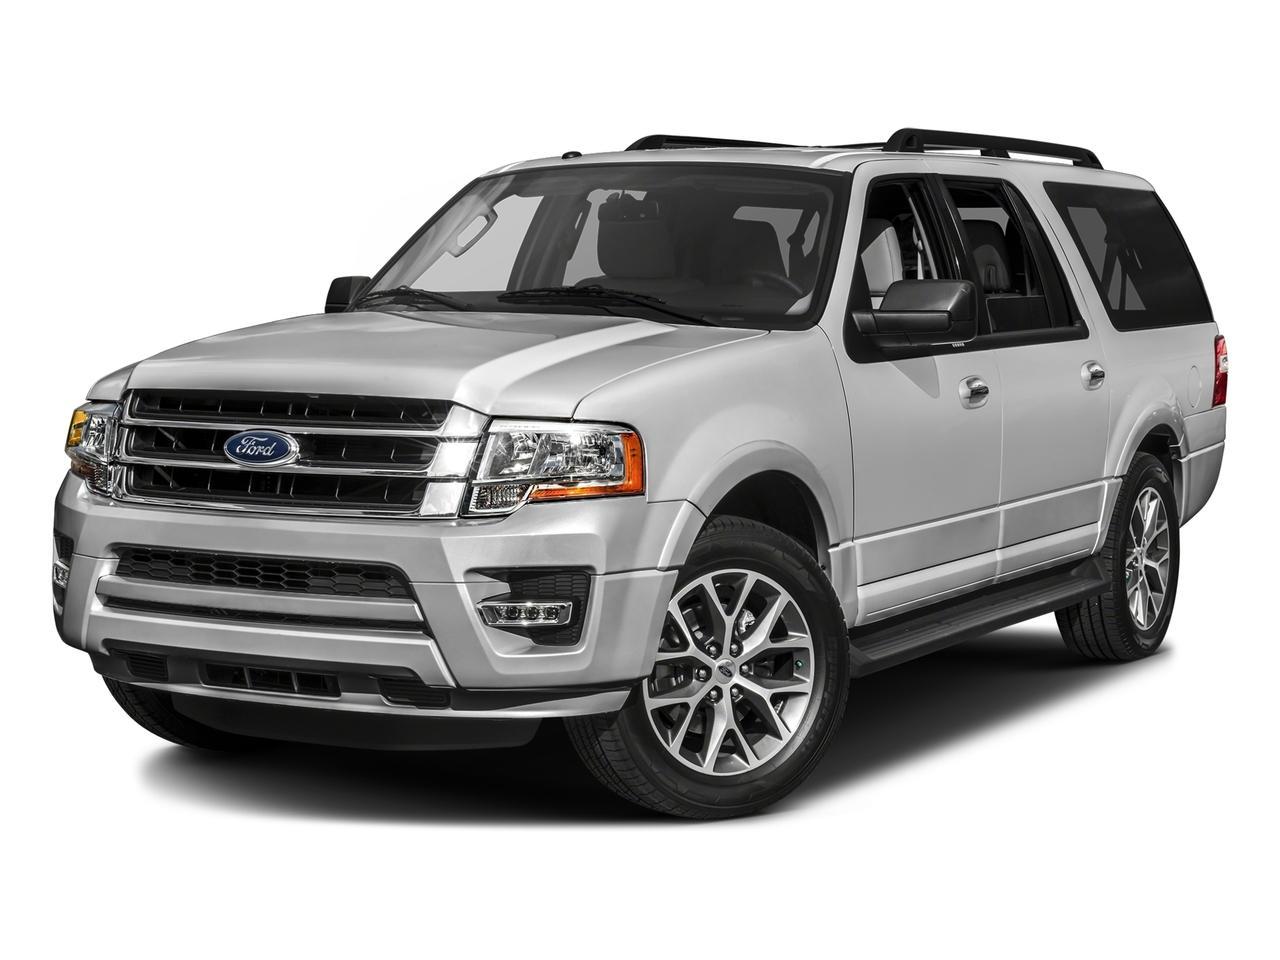 2016 Ford Expedition EL Vehicle Photo in San Antonio, TX 78238